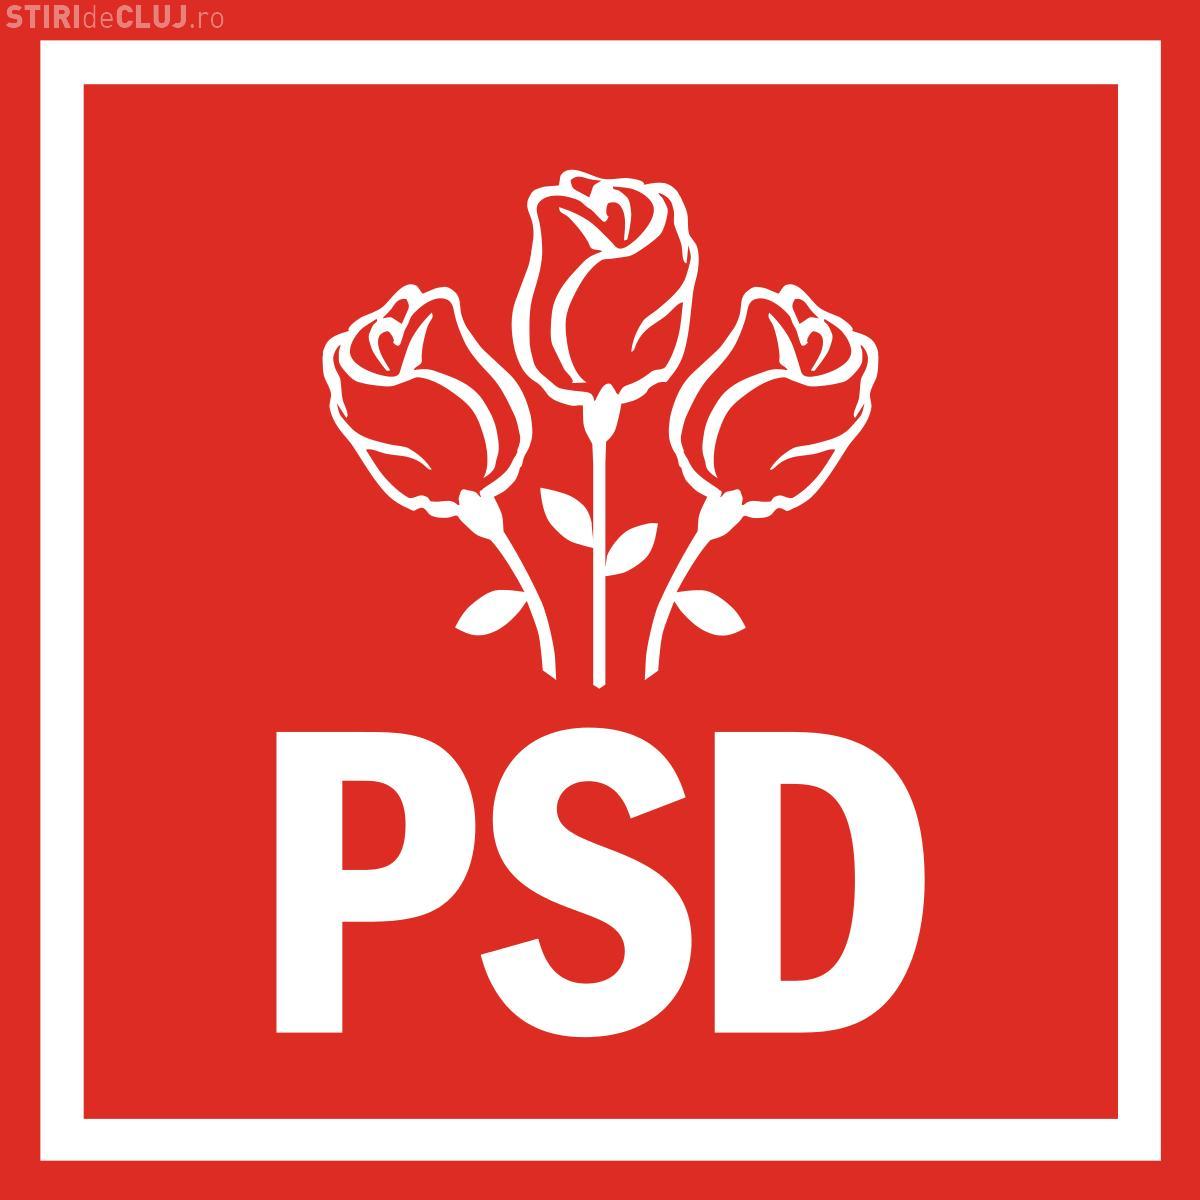 Unui parlamentar PSD i s-a cerut renunțarea la mandat după ce și-a dat demisia din partid. Cum își justifică acțiunea